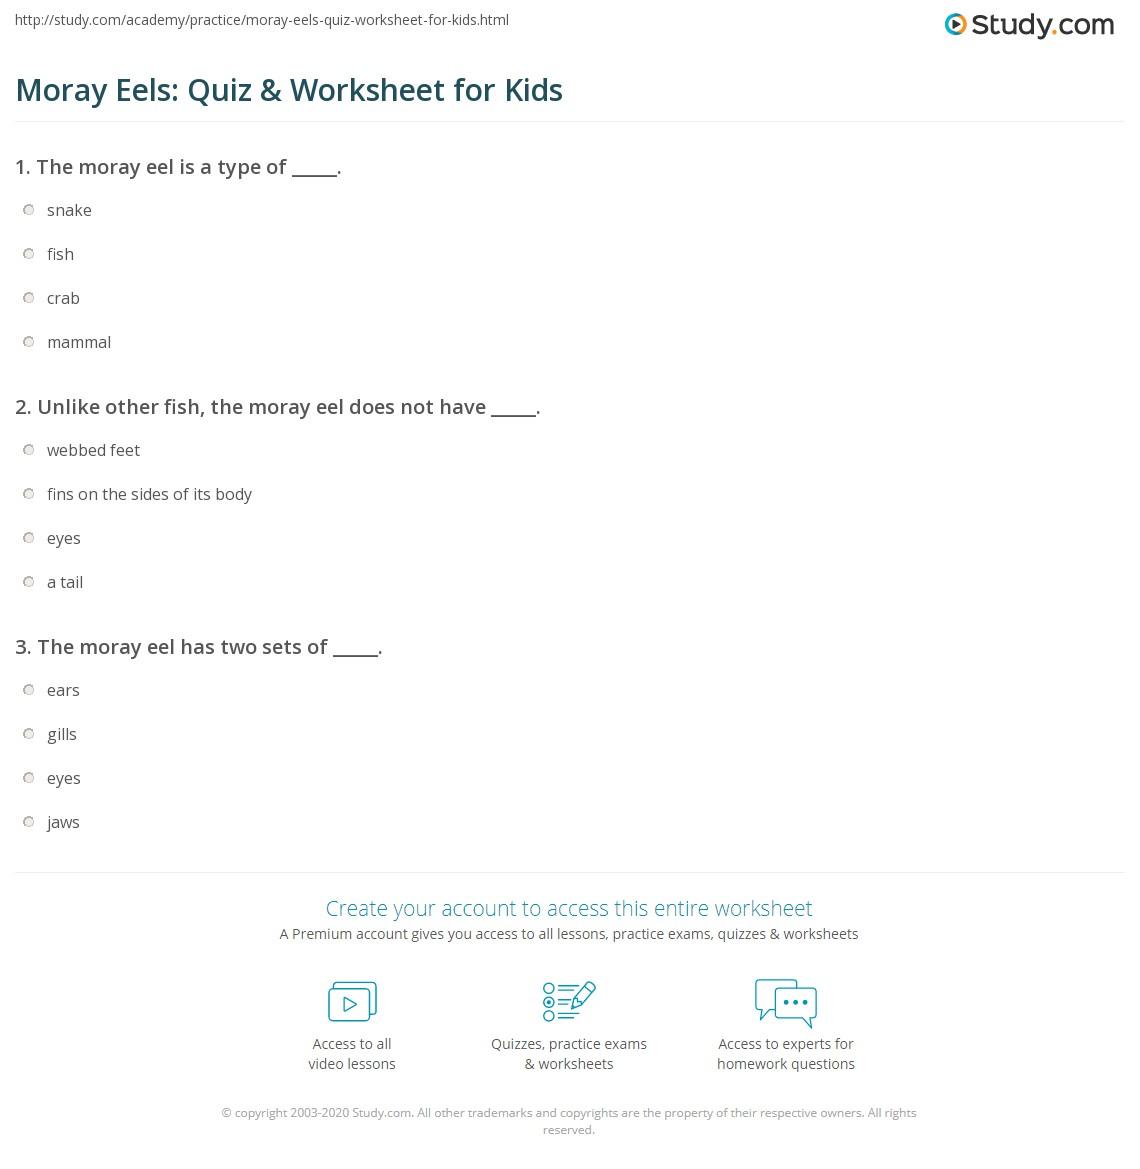 Moray Eels Quiz Amp Worksheet For Kids